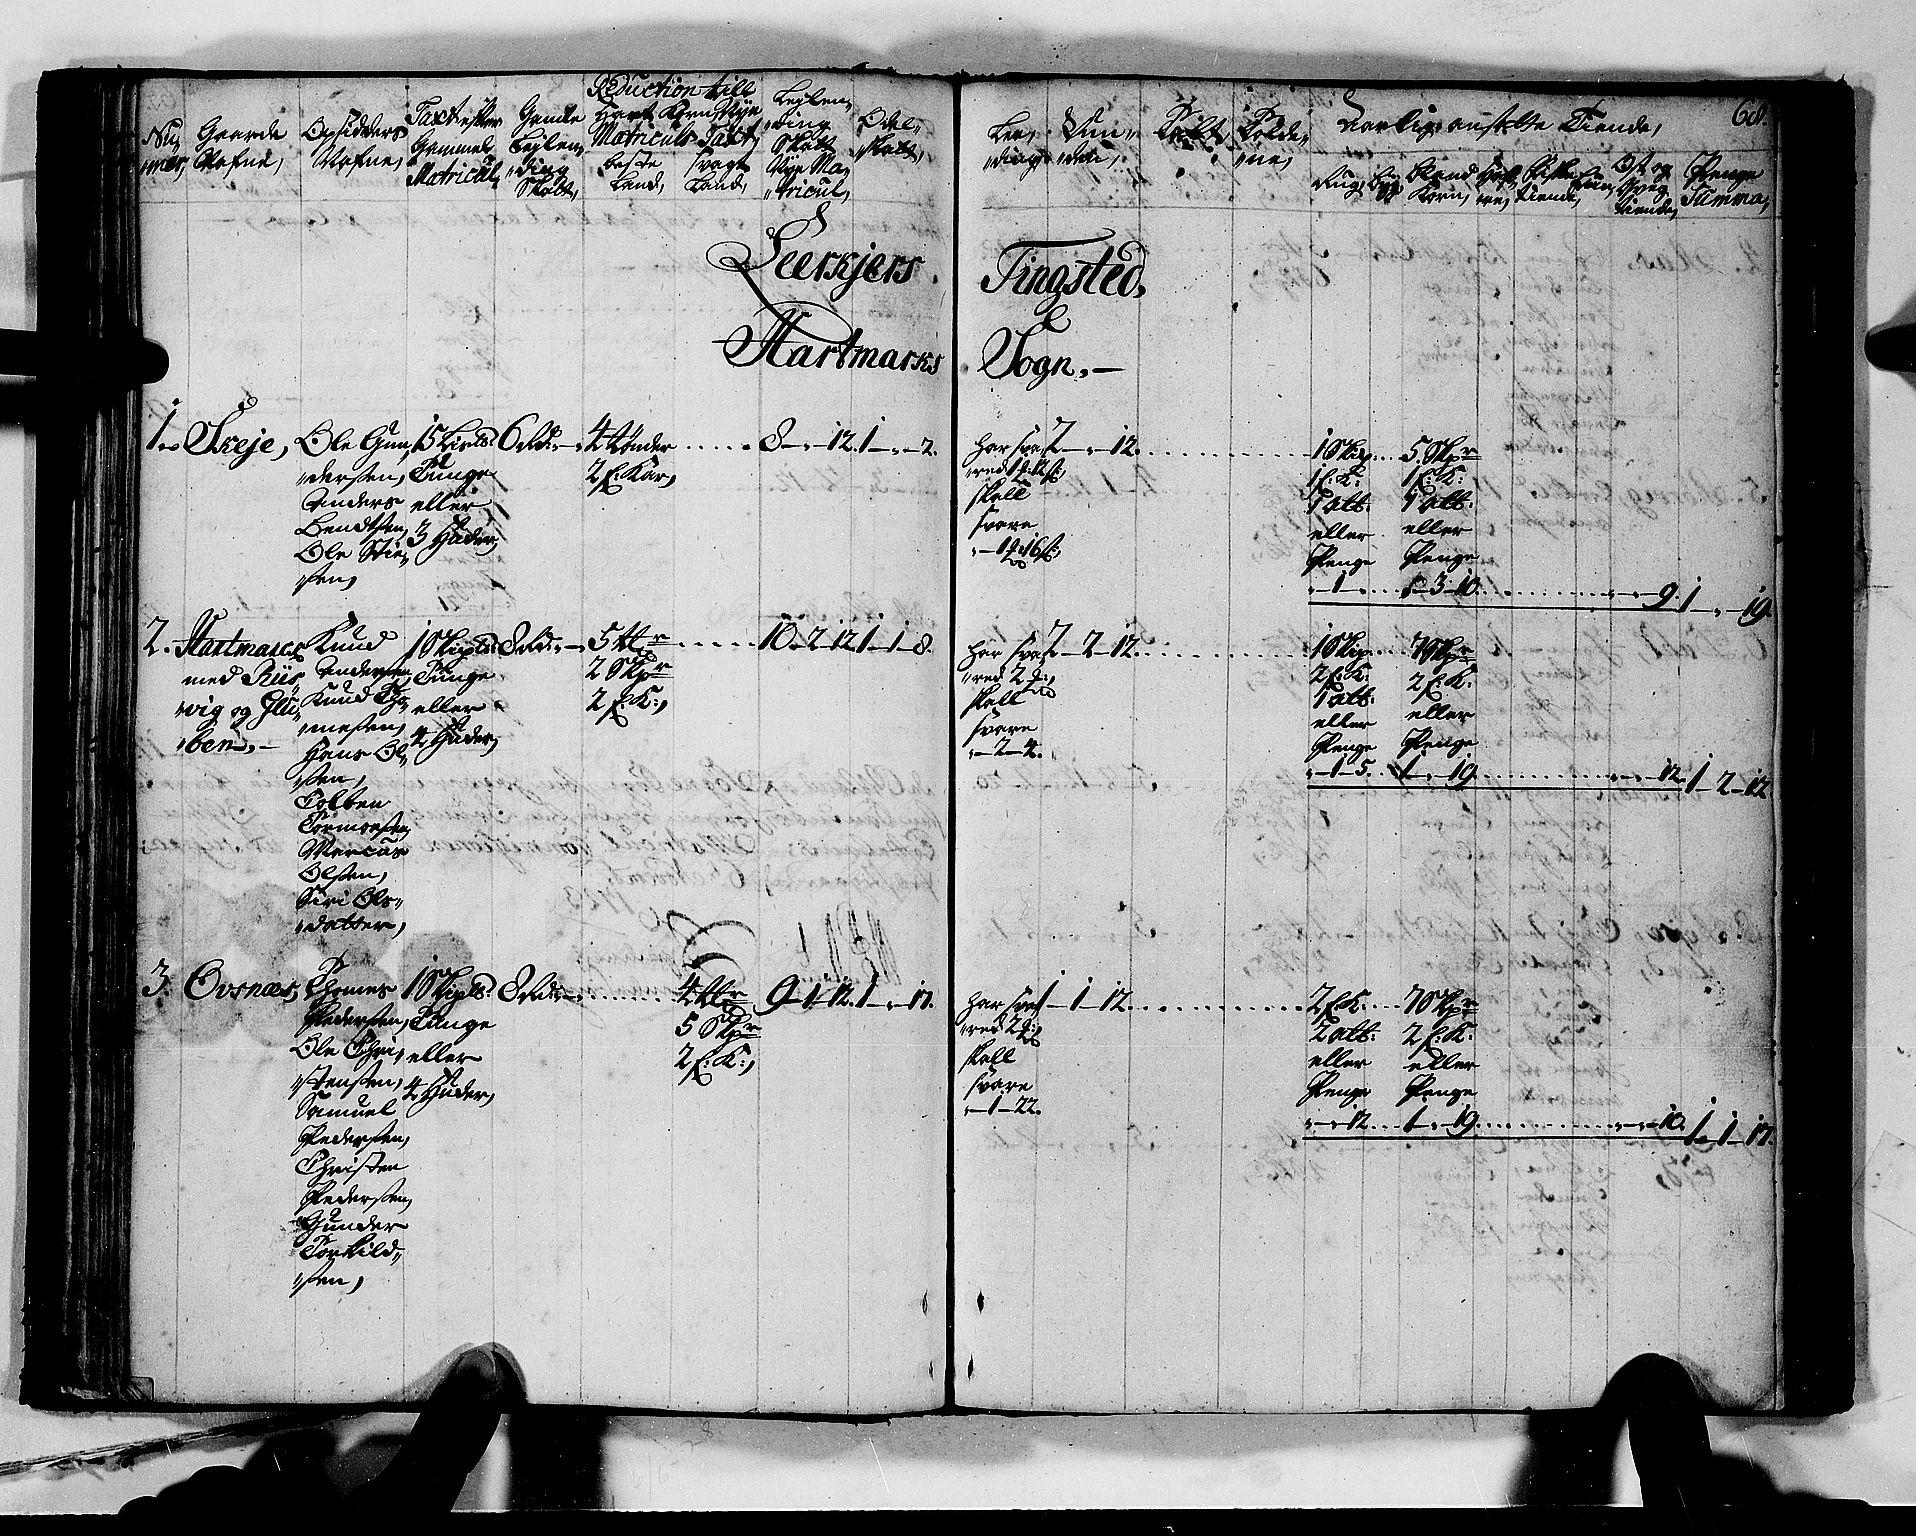 RA, Rentekammeret inntil 1814, Realistisk ordnet avdeling, N/Nb/Nbf/L0128: Mandal matrikkelprotokoll, 1723, s. 67b-68a